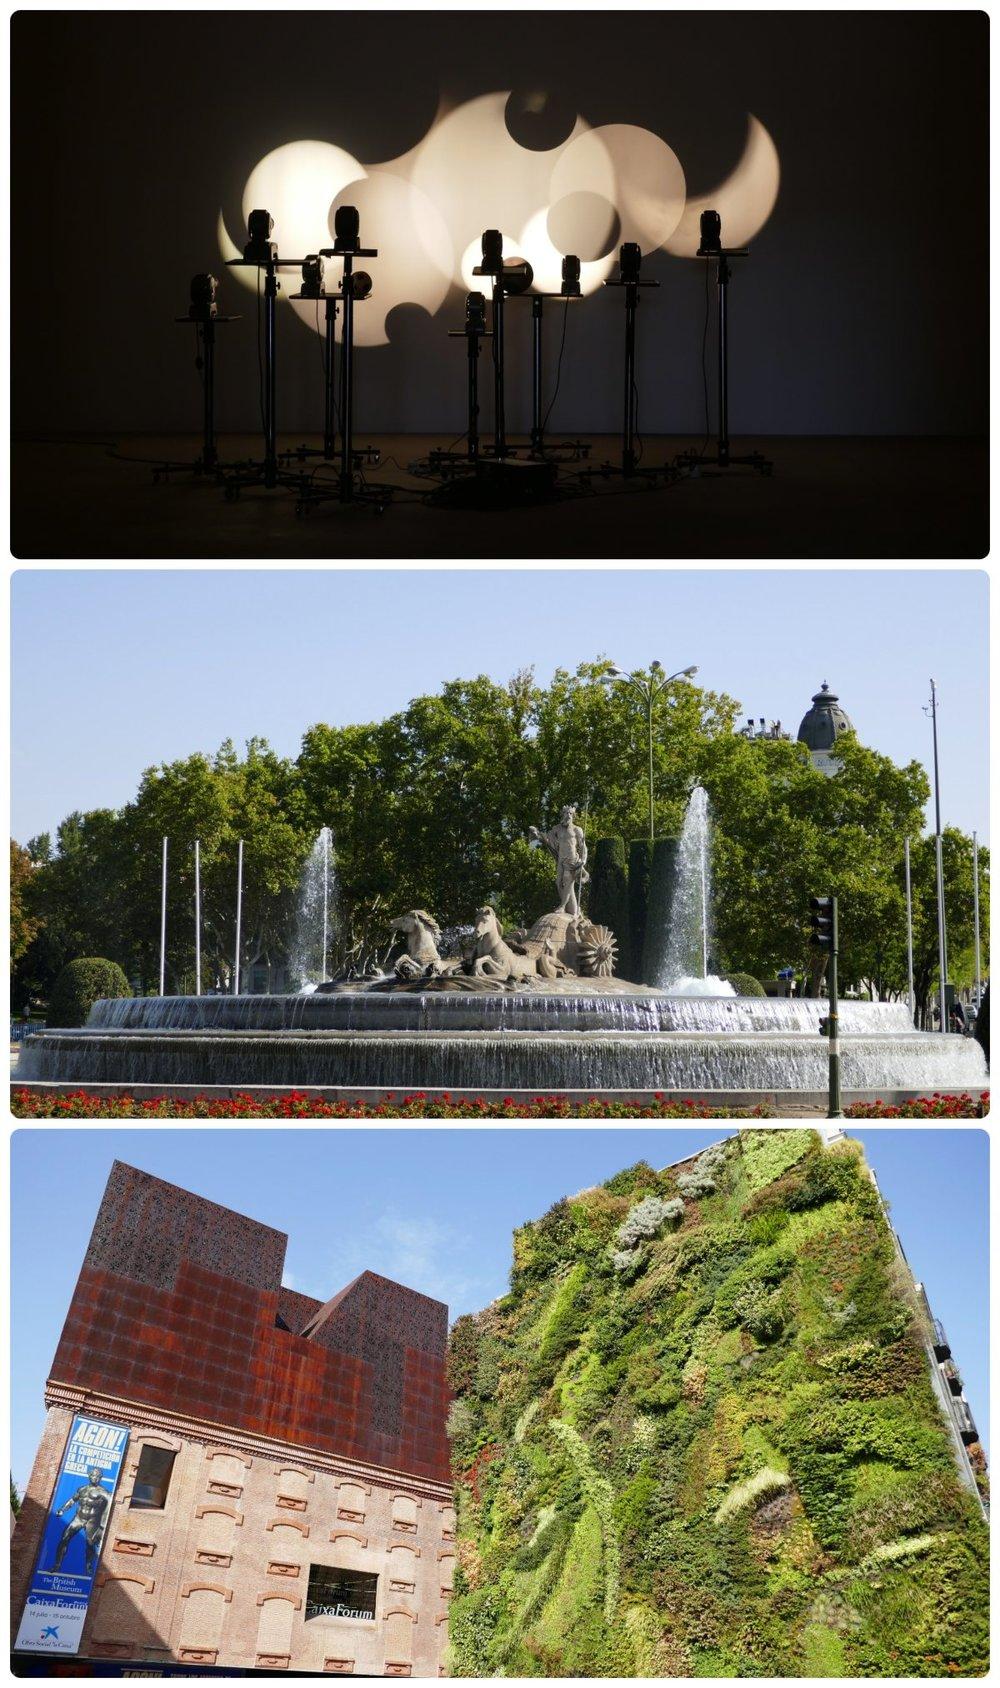 Madrid, Spain. Top to bottom: Promotion of Art (Tabacalera Promoción del Arte), Neptune Fountain (Fuente de Neptuno), Vertical Garden in CaixaForum (Jardín Vertical CaixaForum).